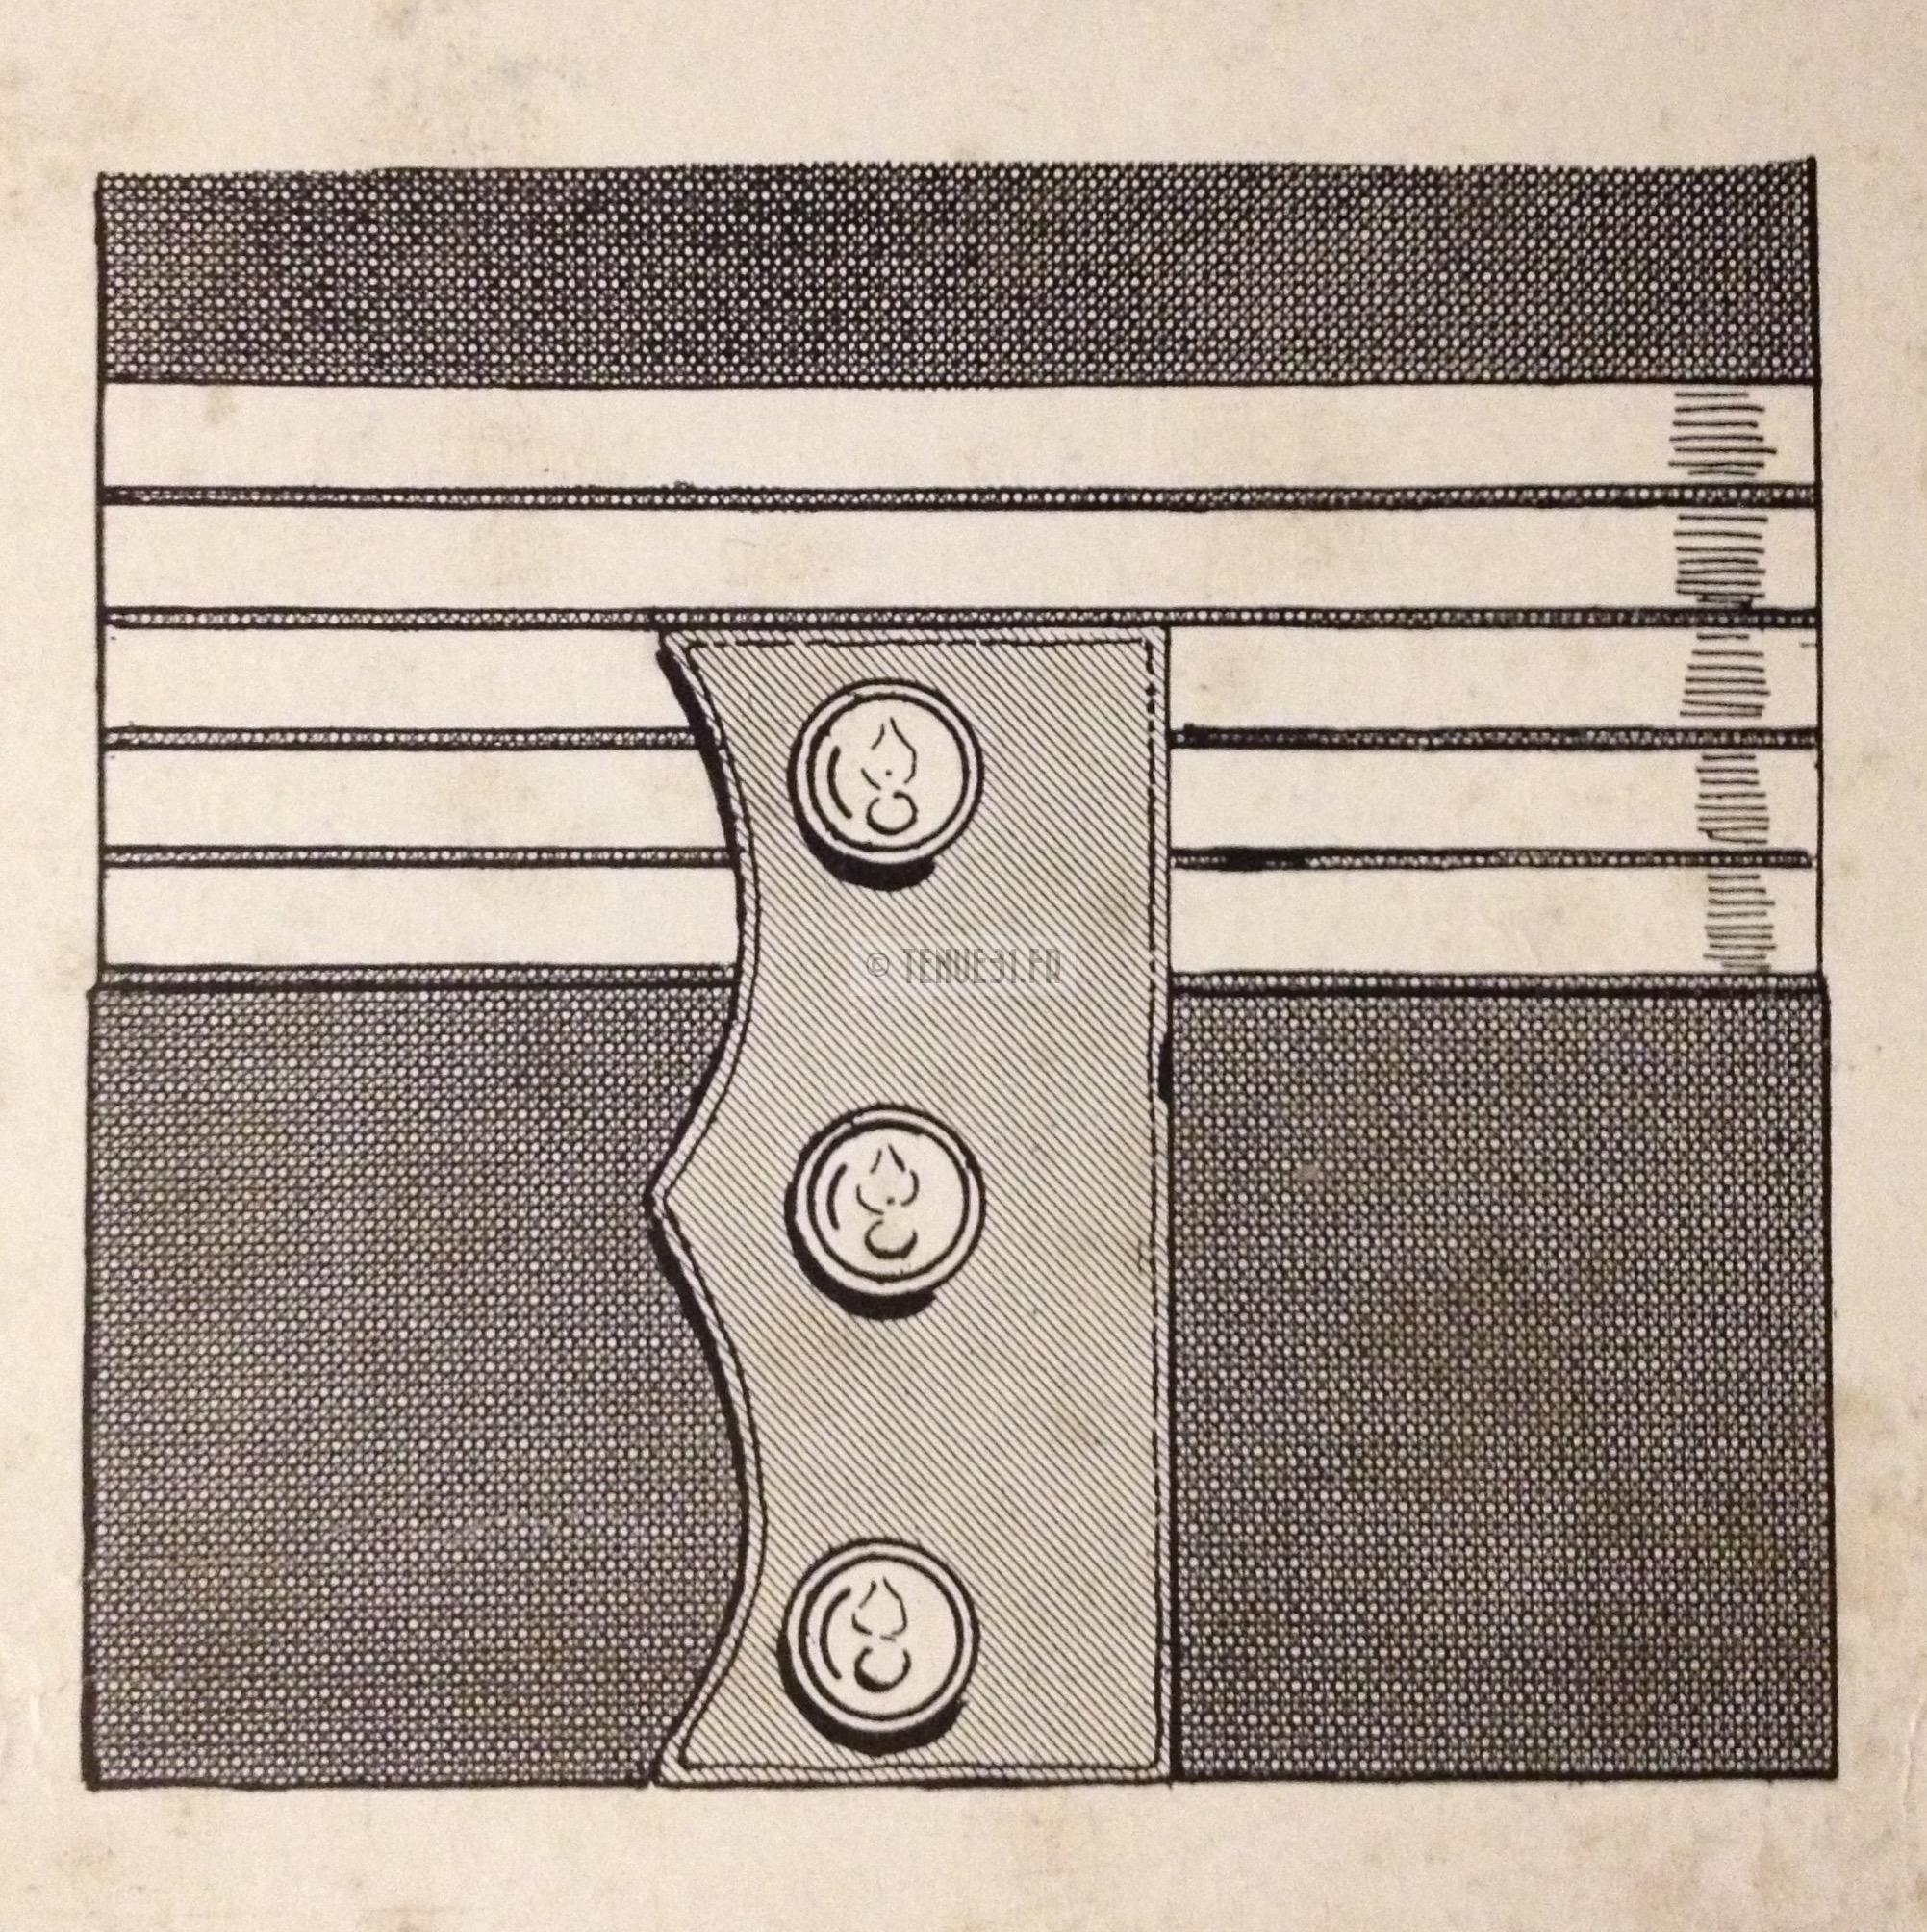 Pattes de grade sur les manches de la tenue modèle 1931